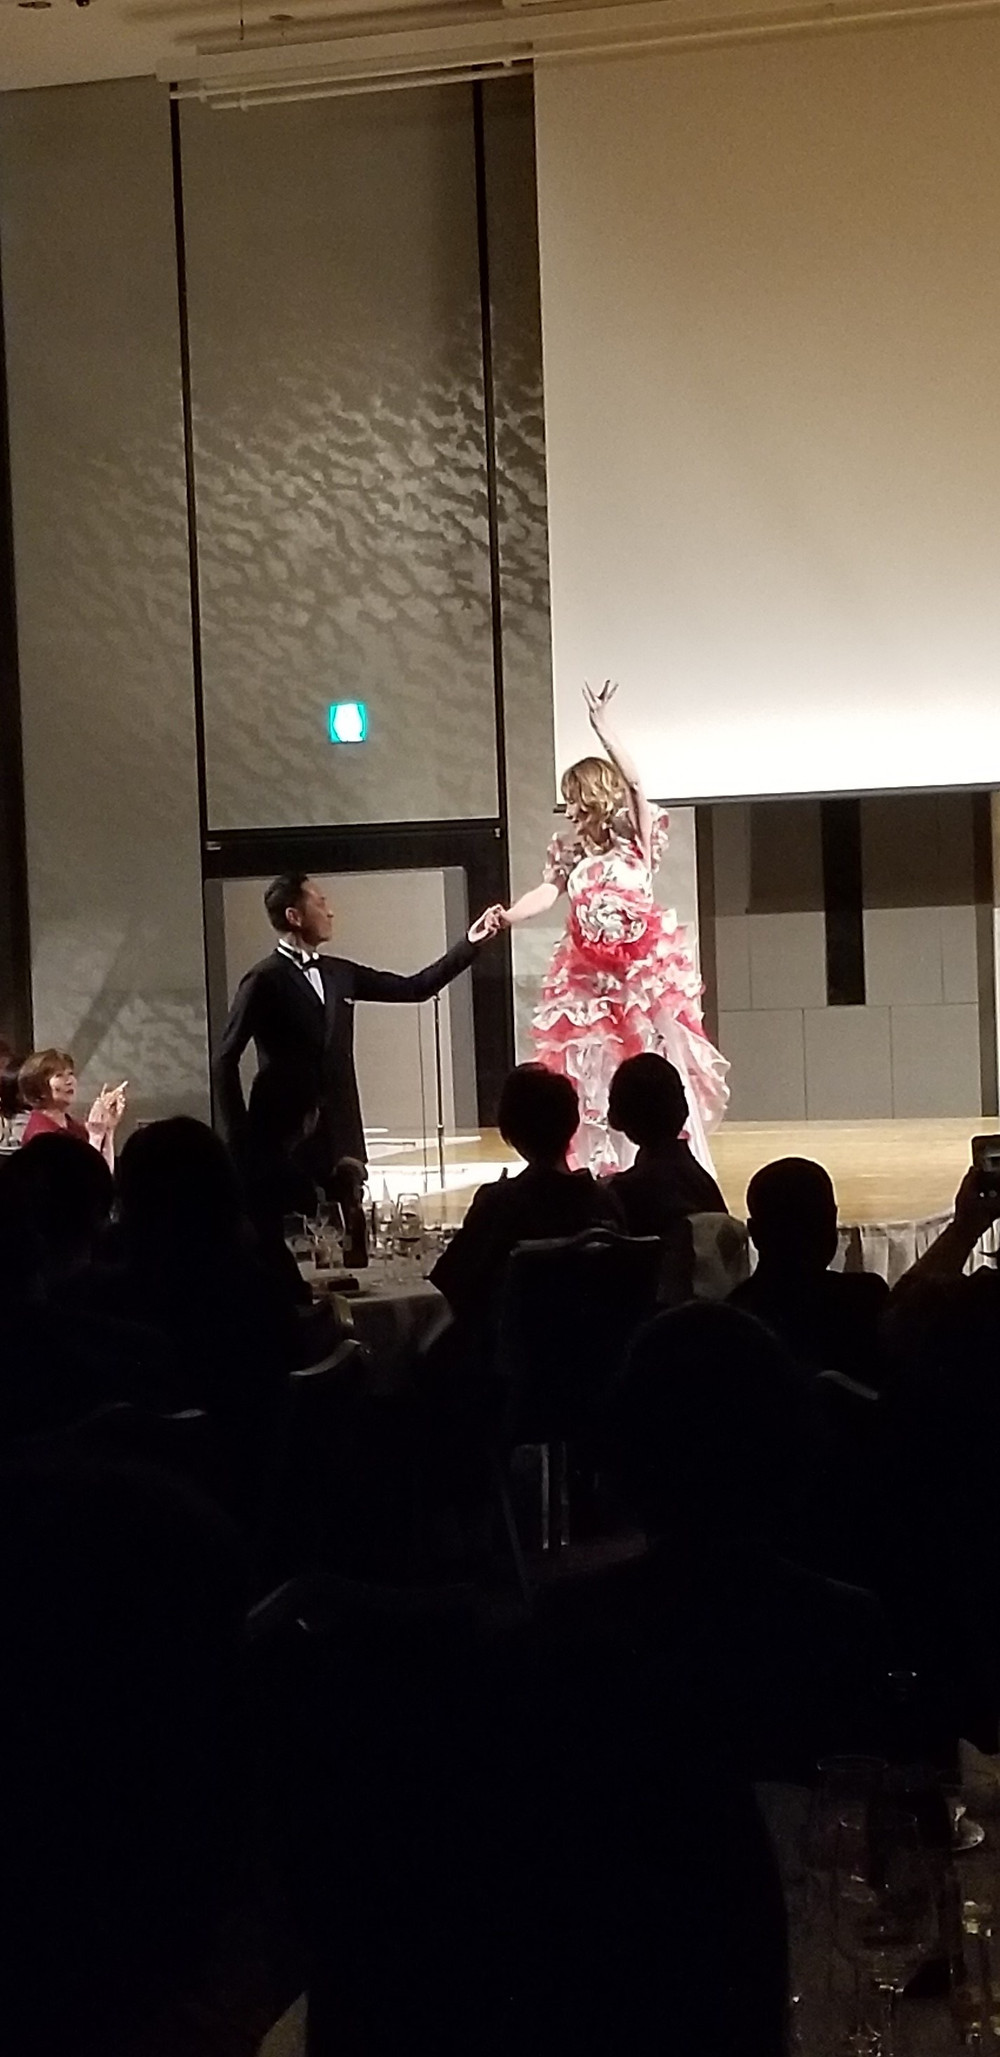 社交ダンス 大阪 ダンス タンゴ エニー エニーダンス